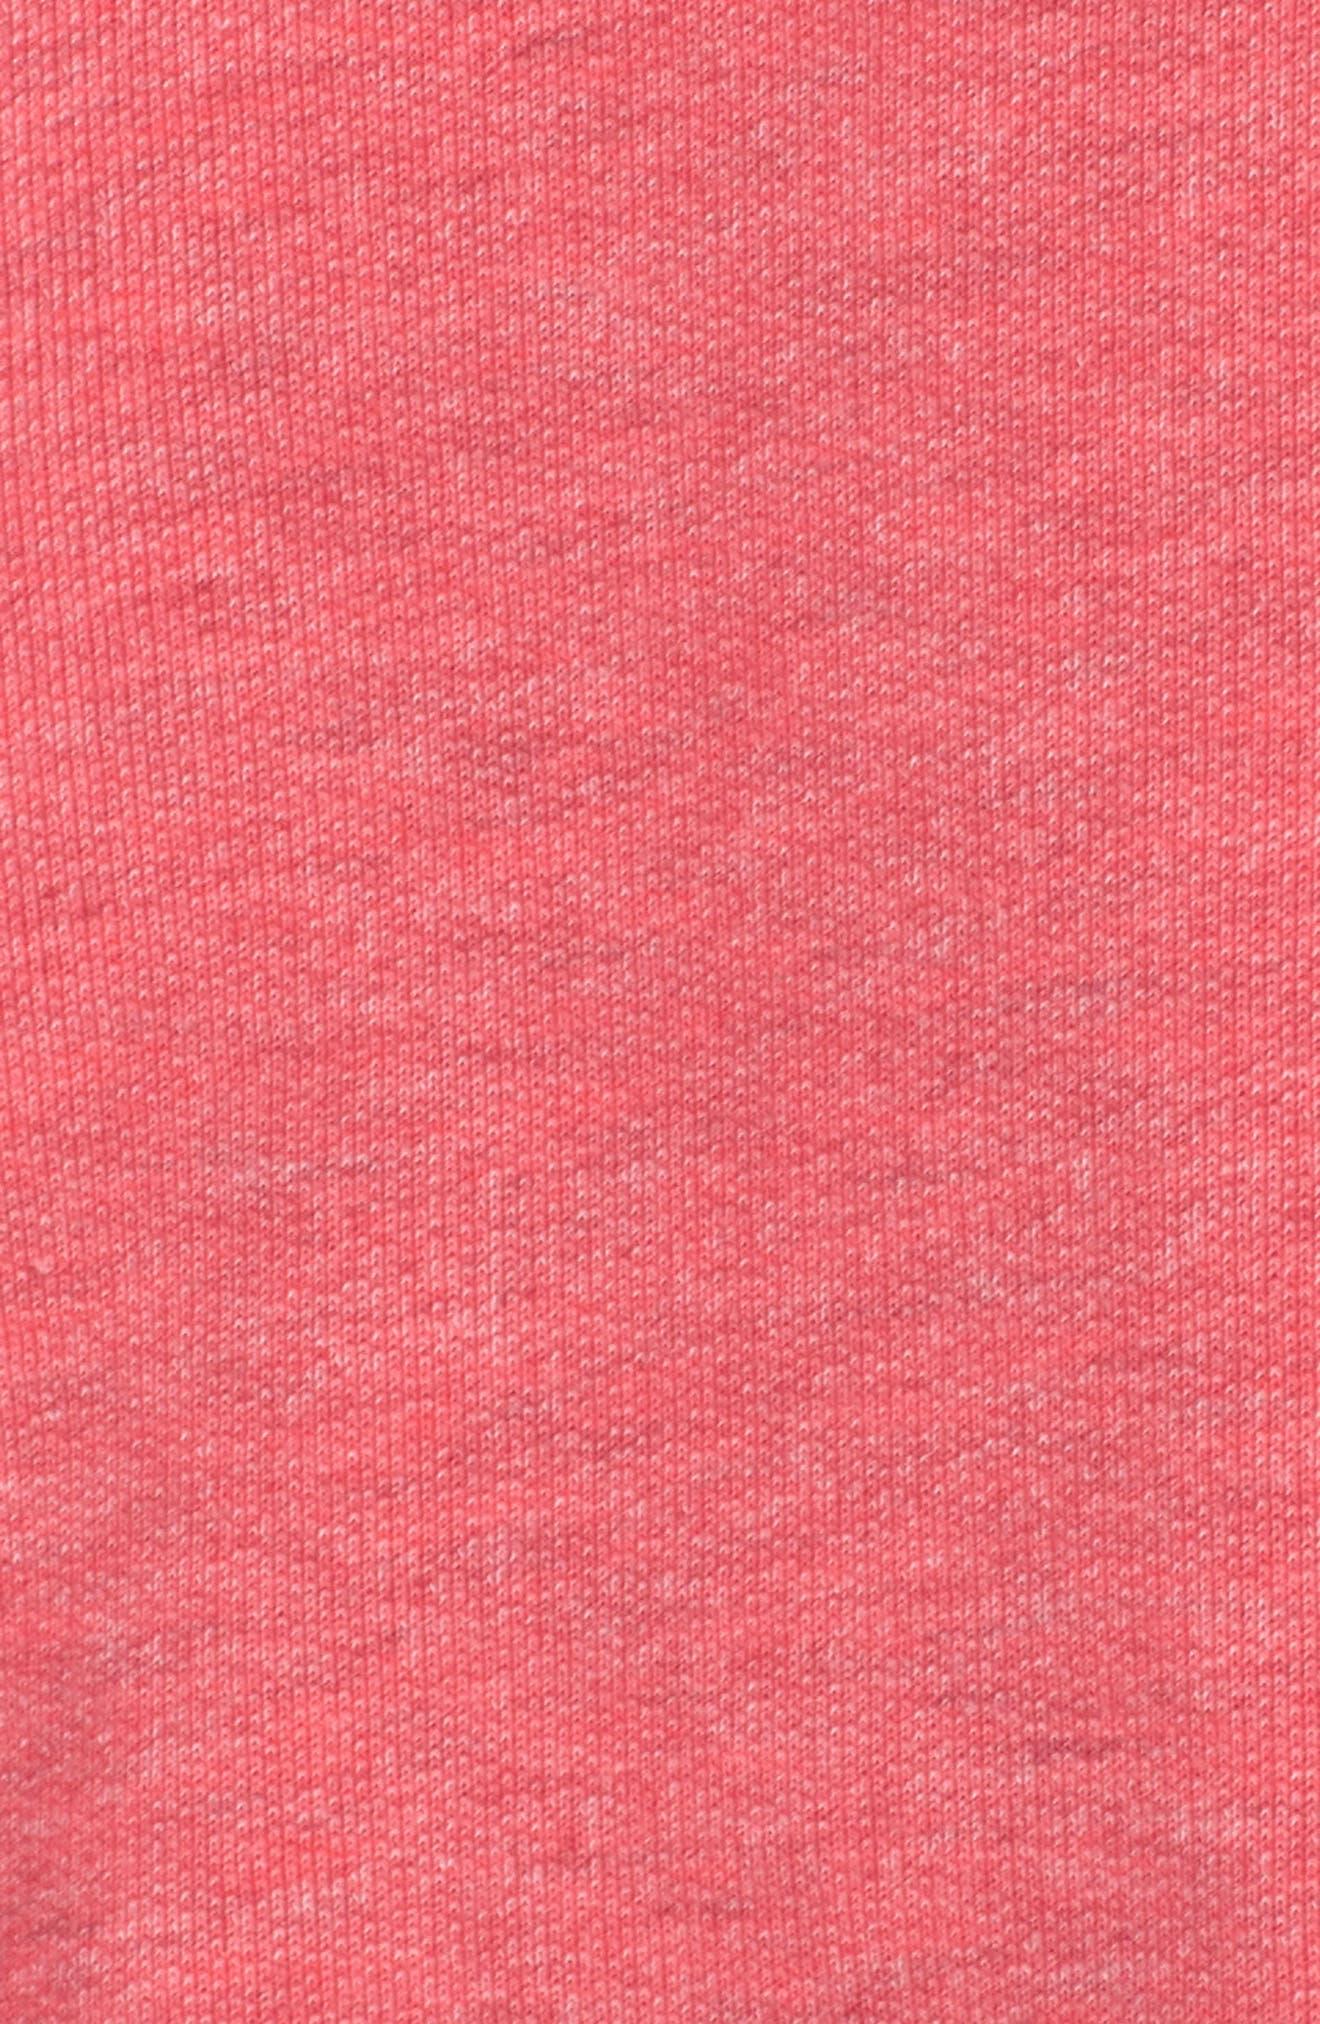 Felix x Scotch & Soda Burnout Appliqué & Graphic Sweatshirt,                             Alternate thumbnail 5, color,                             610